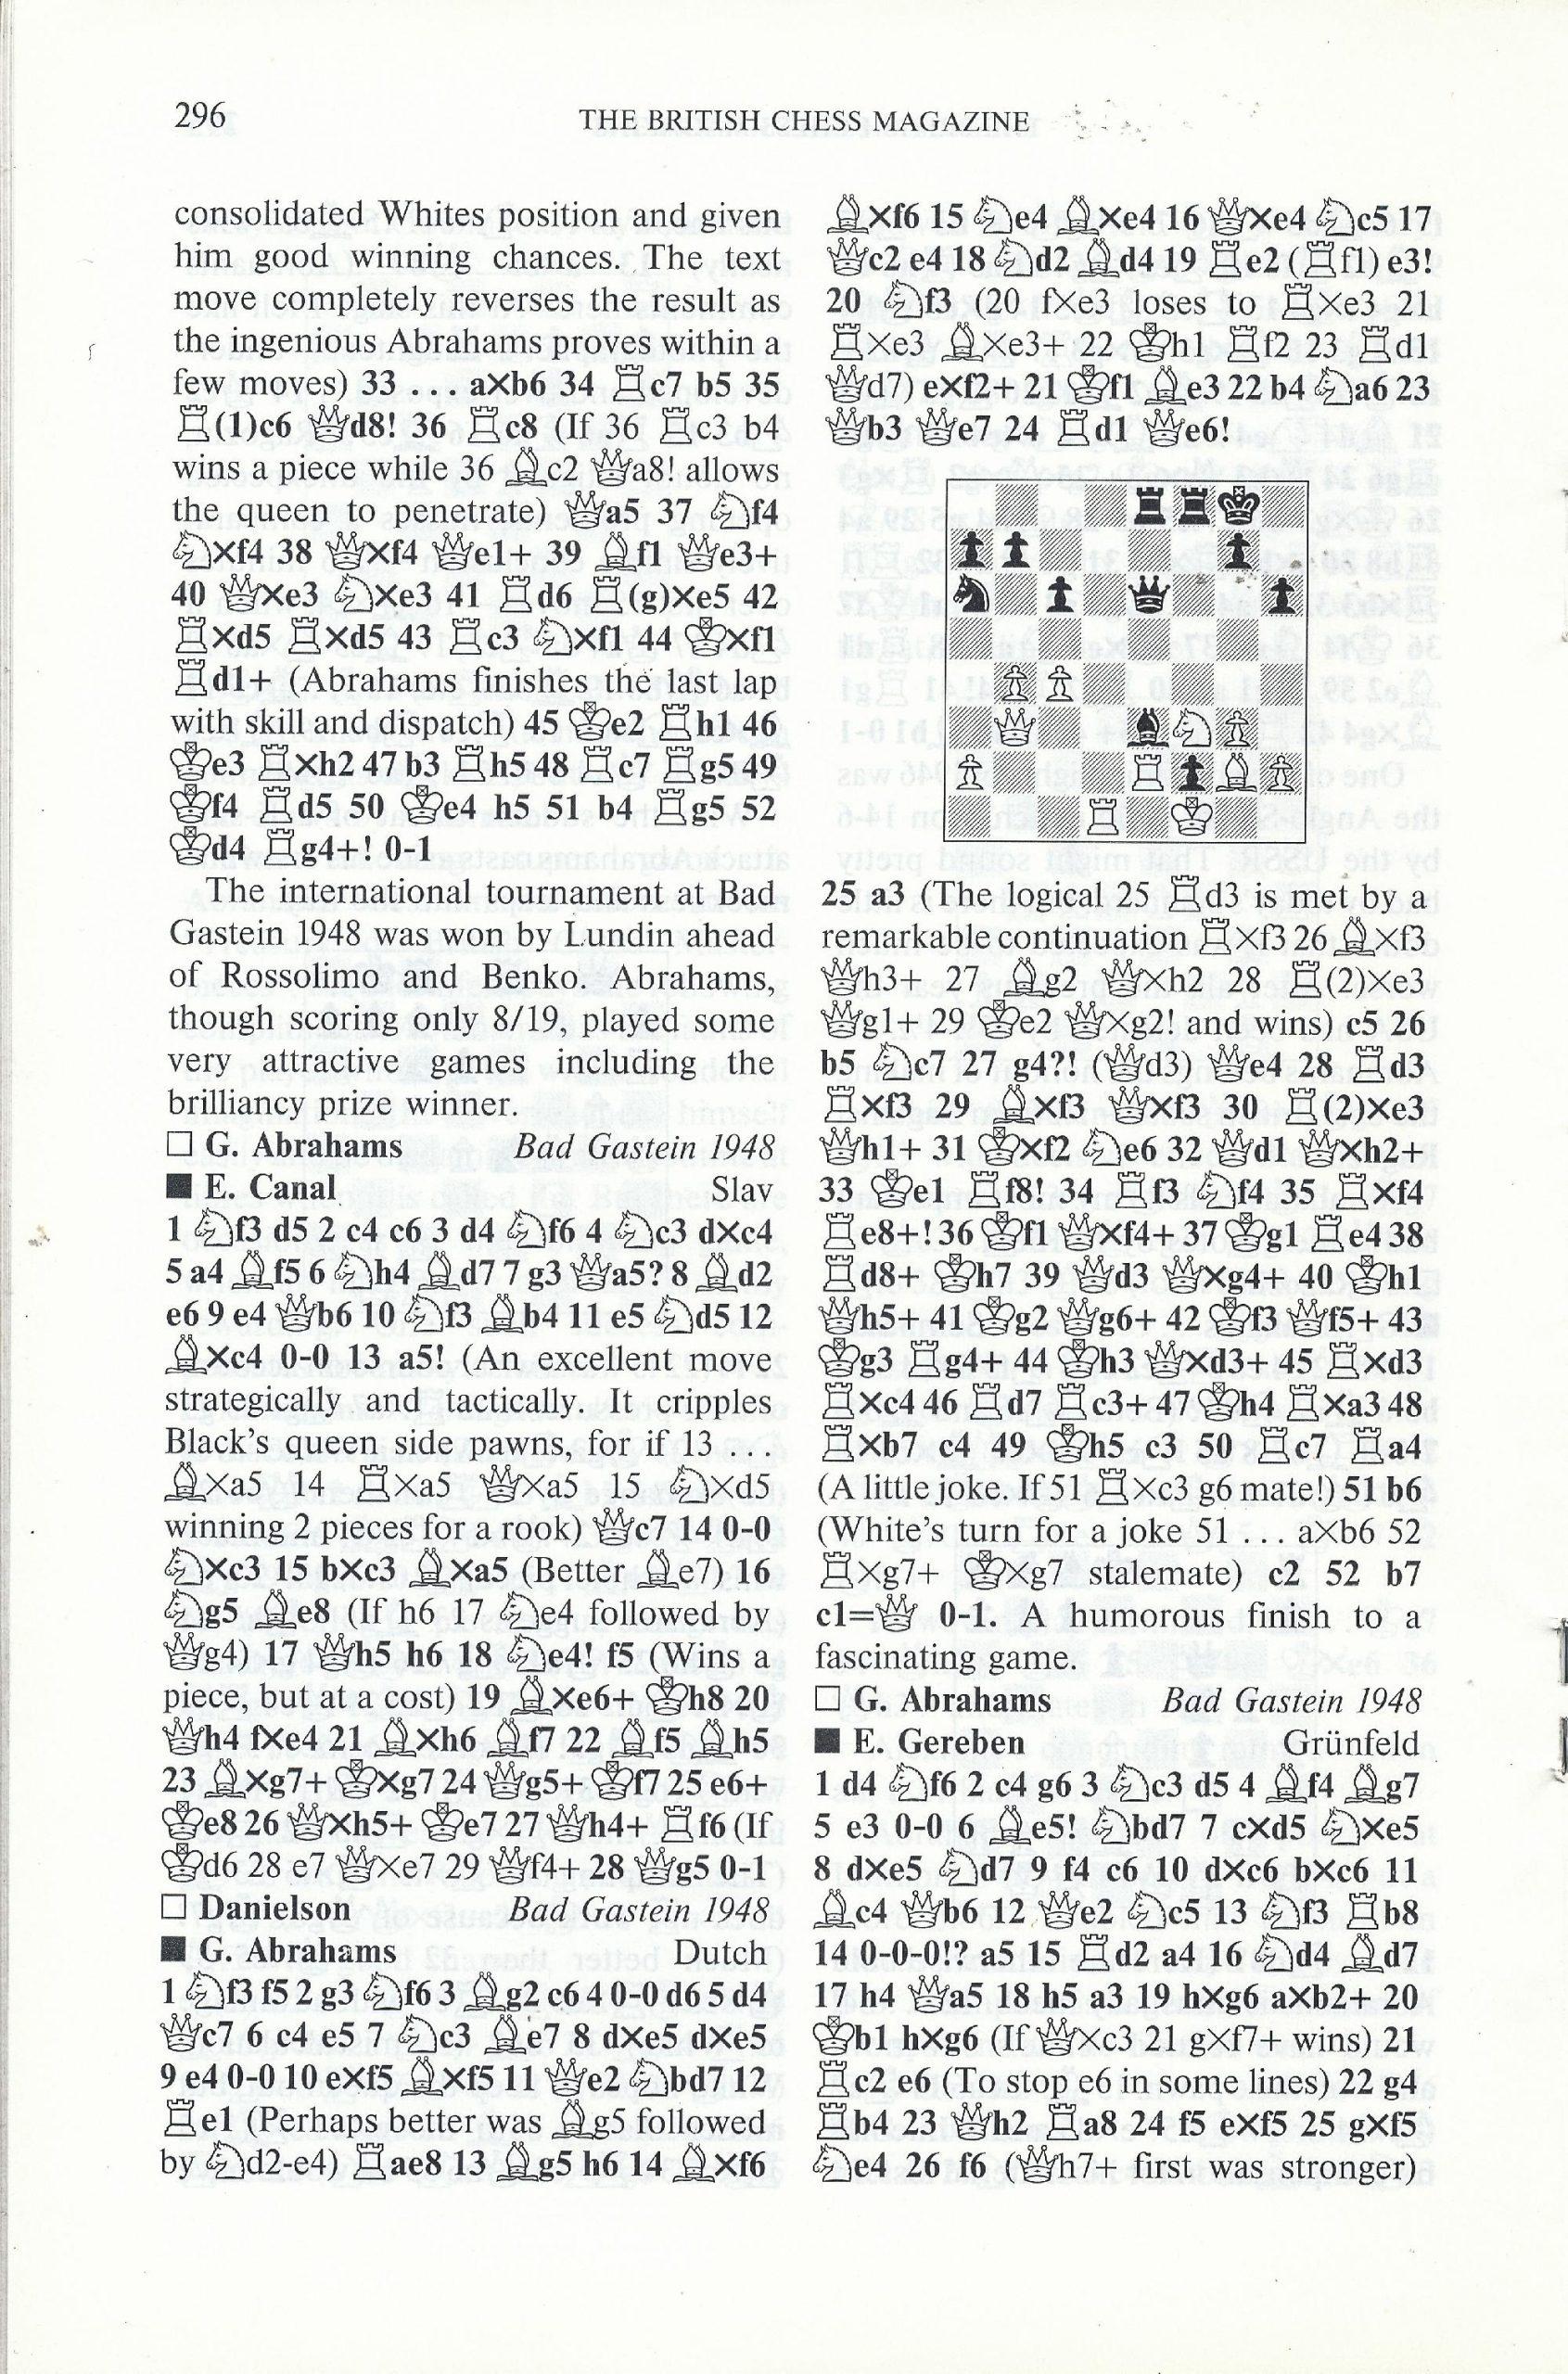 British Chess Magazine, Volume CVIII (1988), Number 7 (July), pp. 296